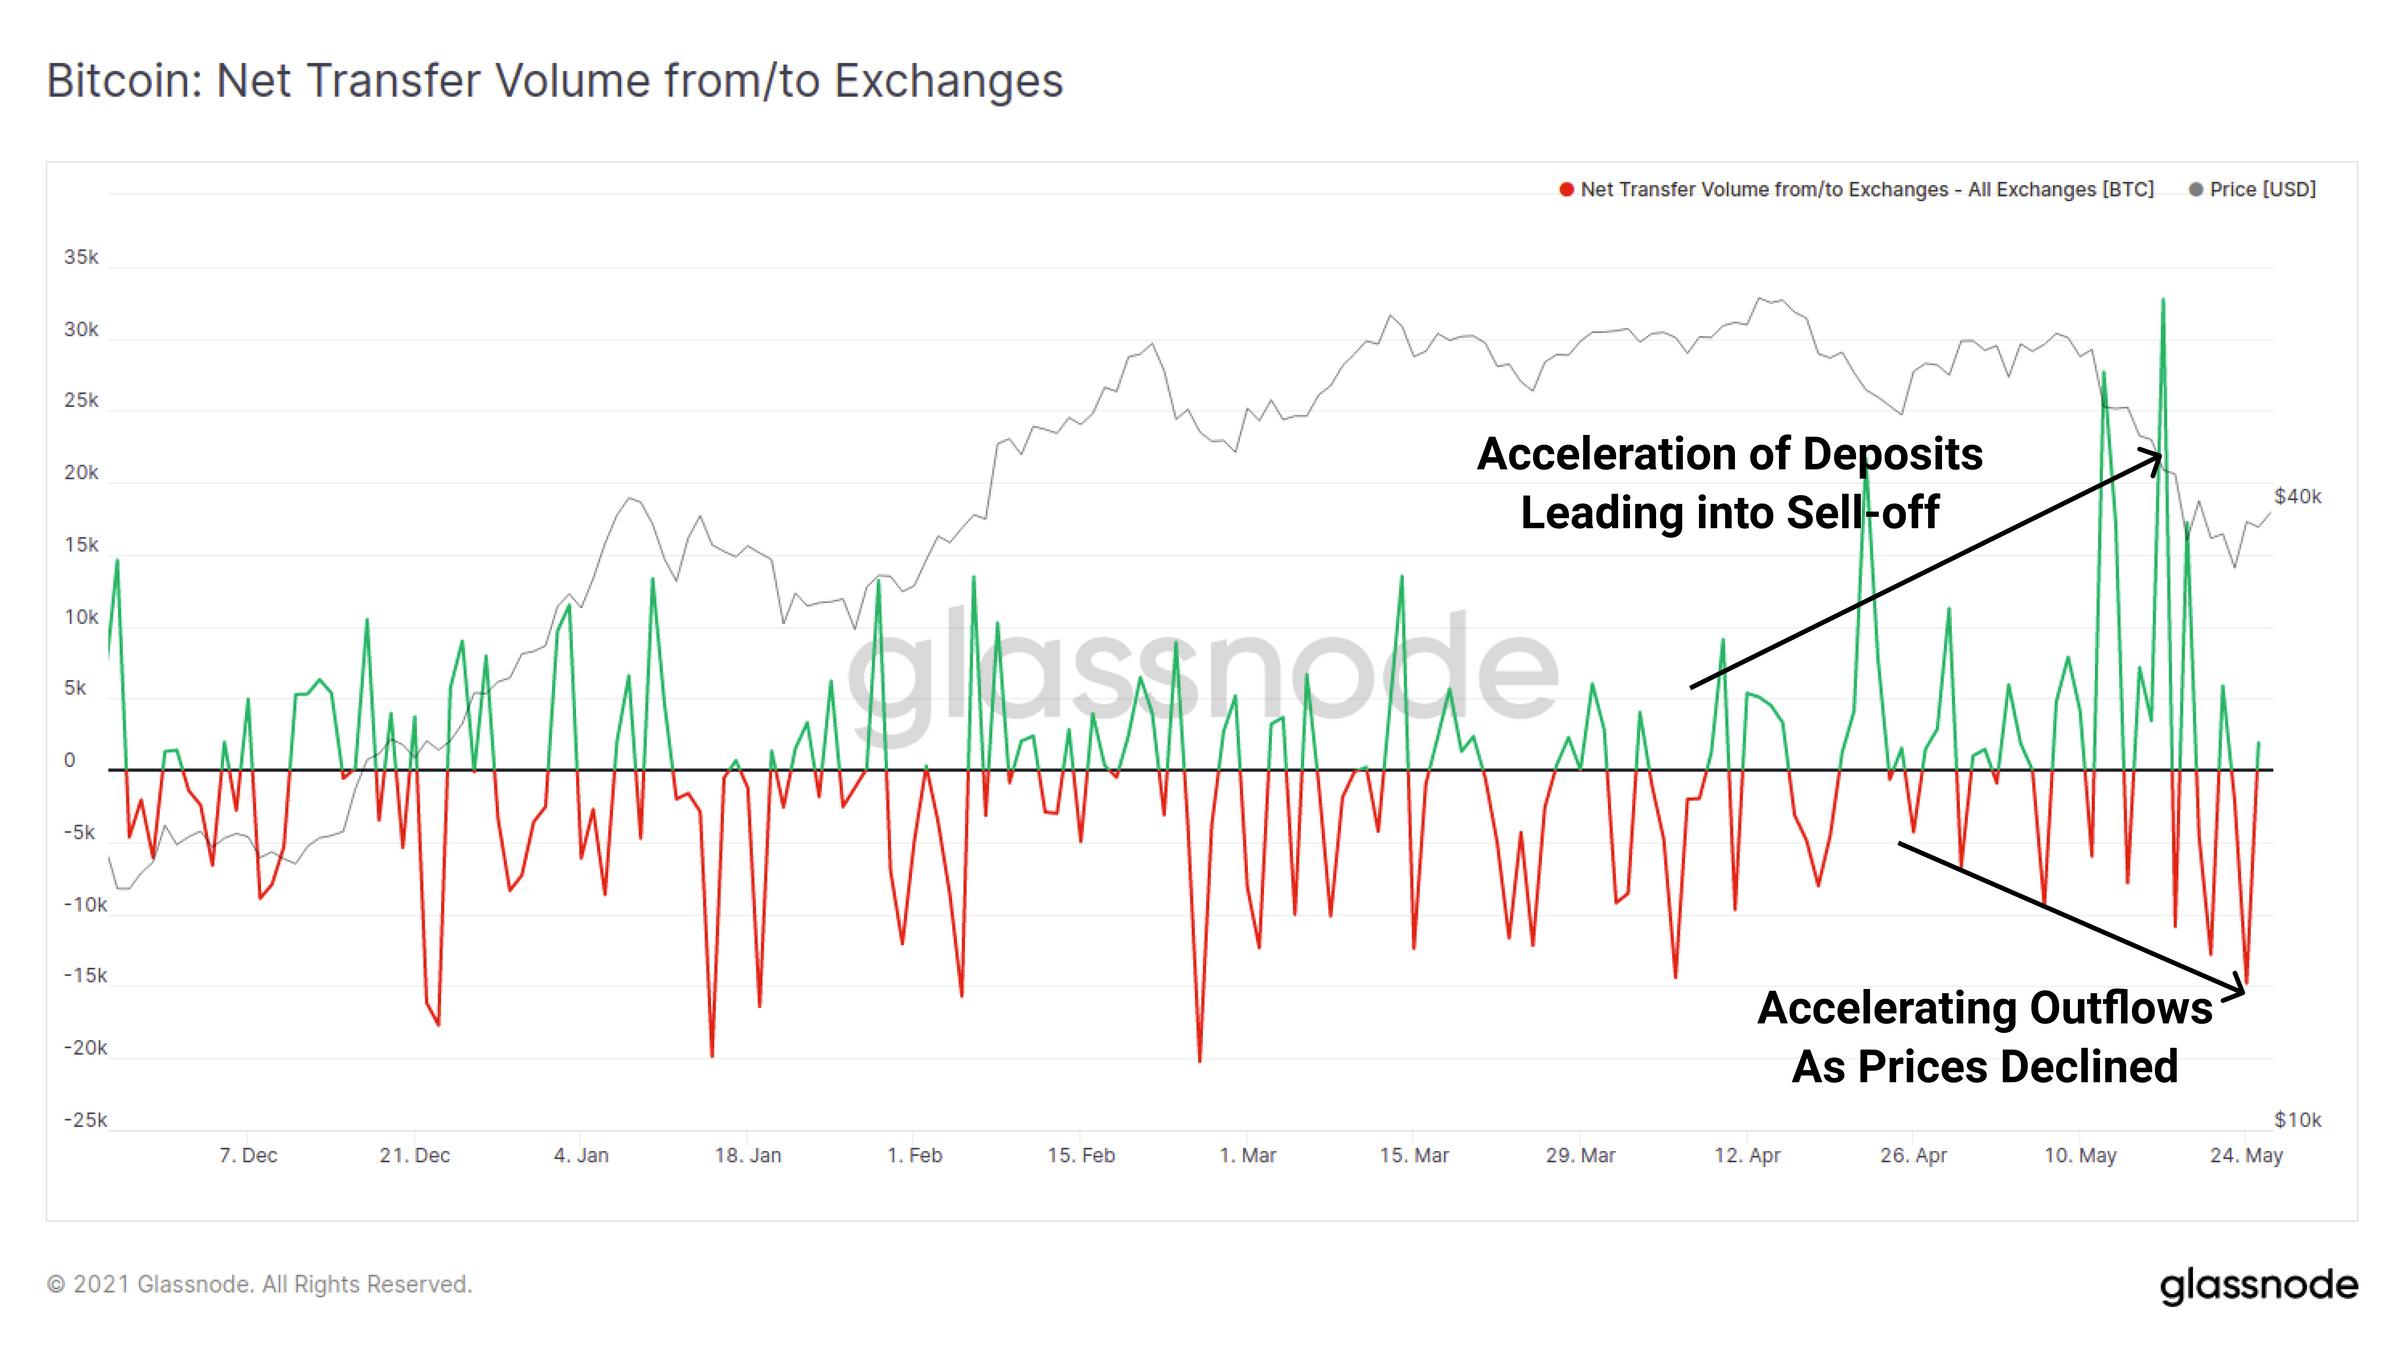 """月份市场抛售分析:接下来是牛市还是熊市?"""""""